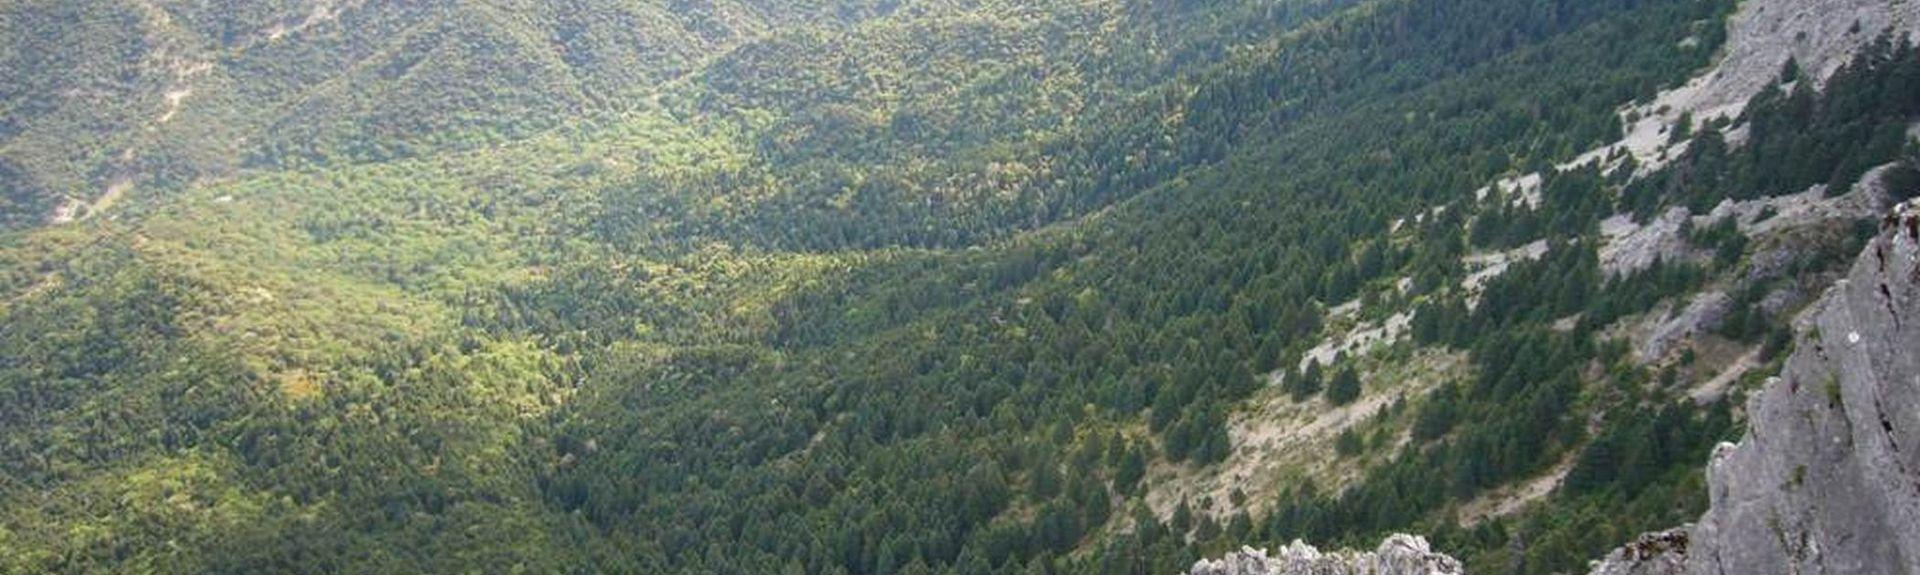 Sierra de Grazalema Natural Park, Grazalema, Andalusia, Spain